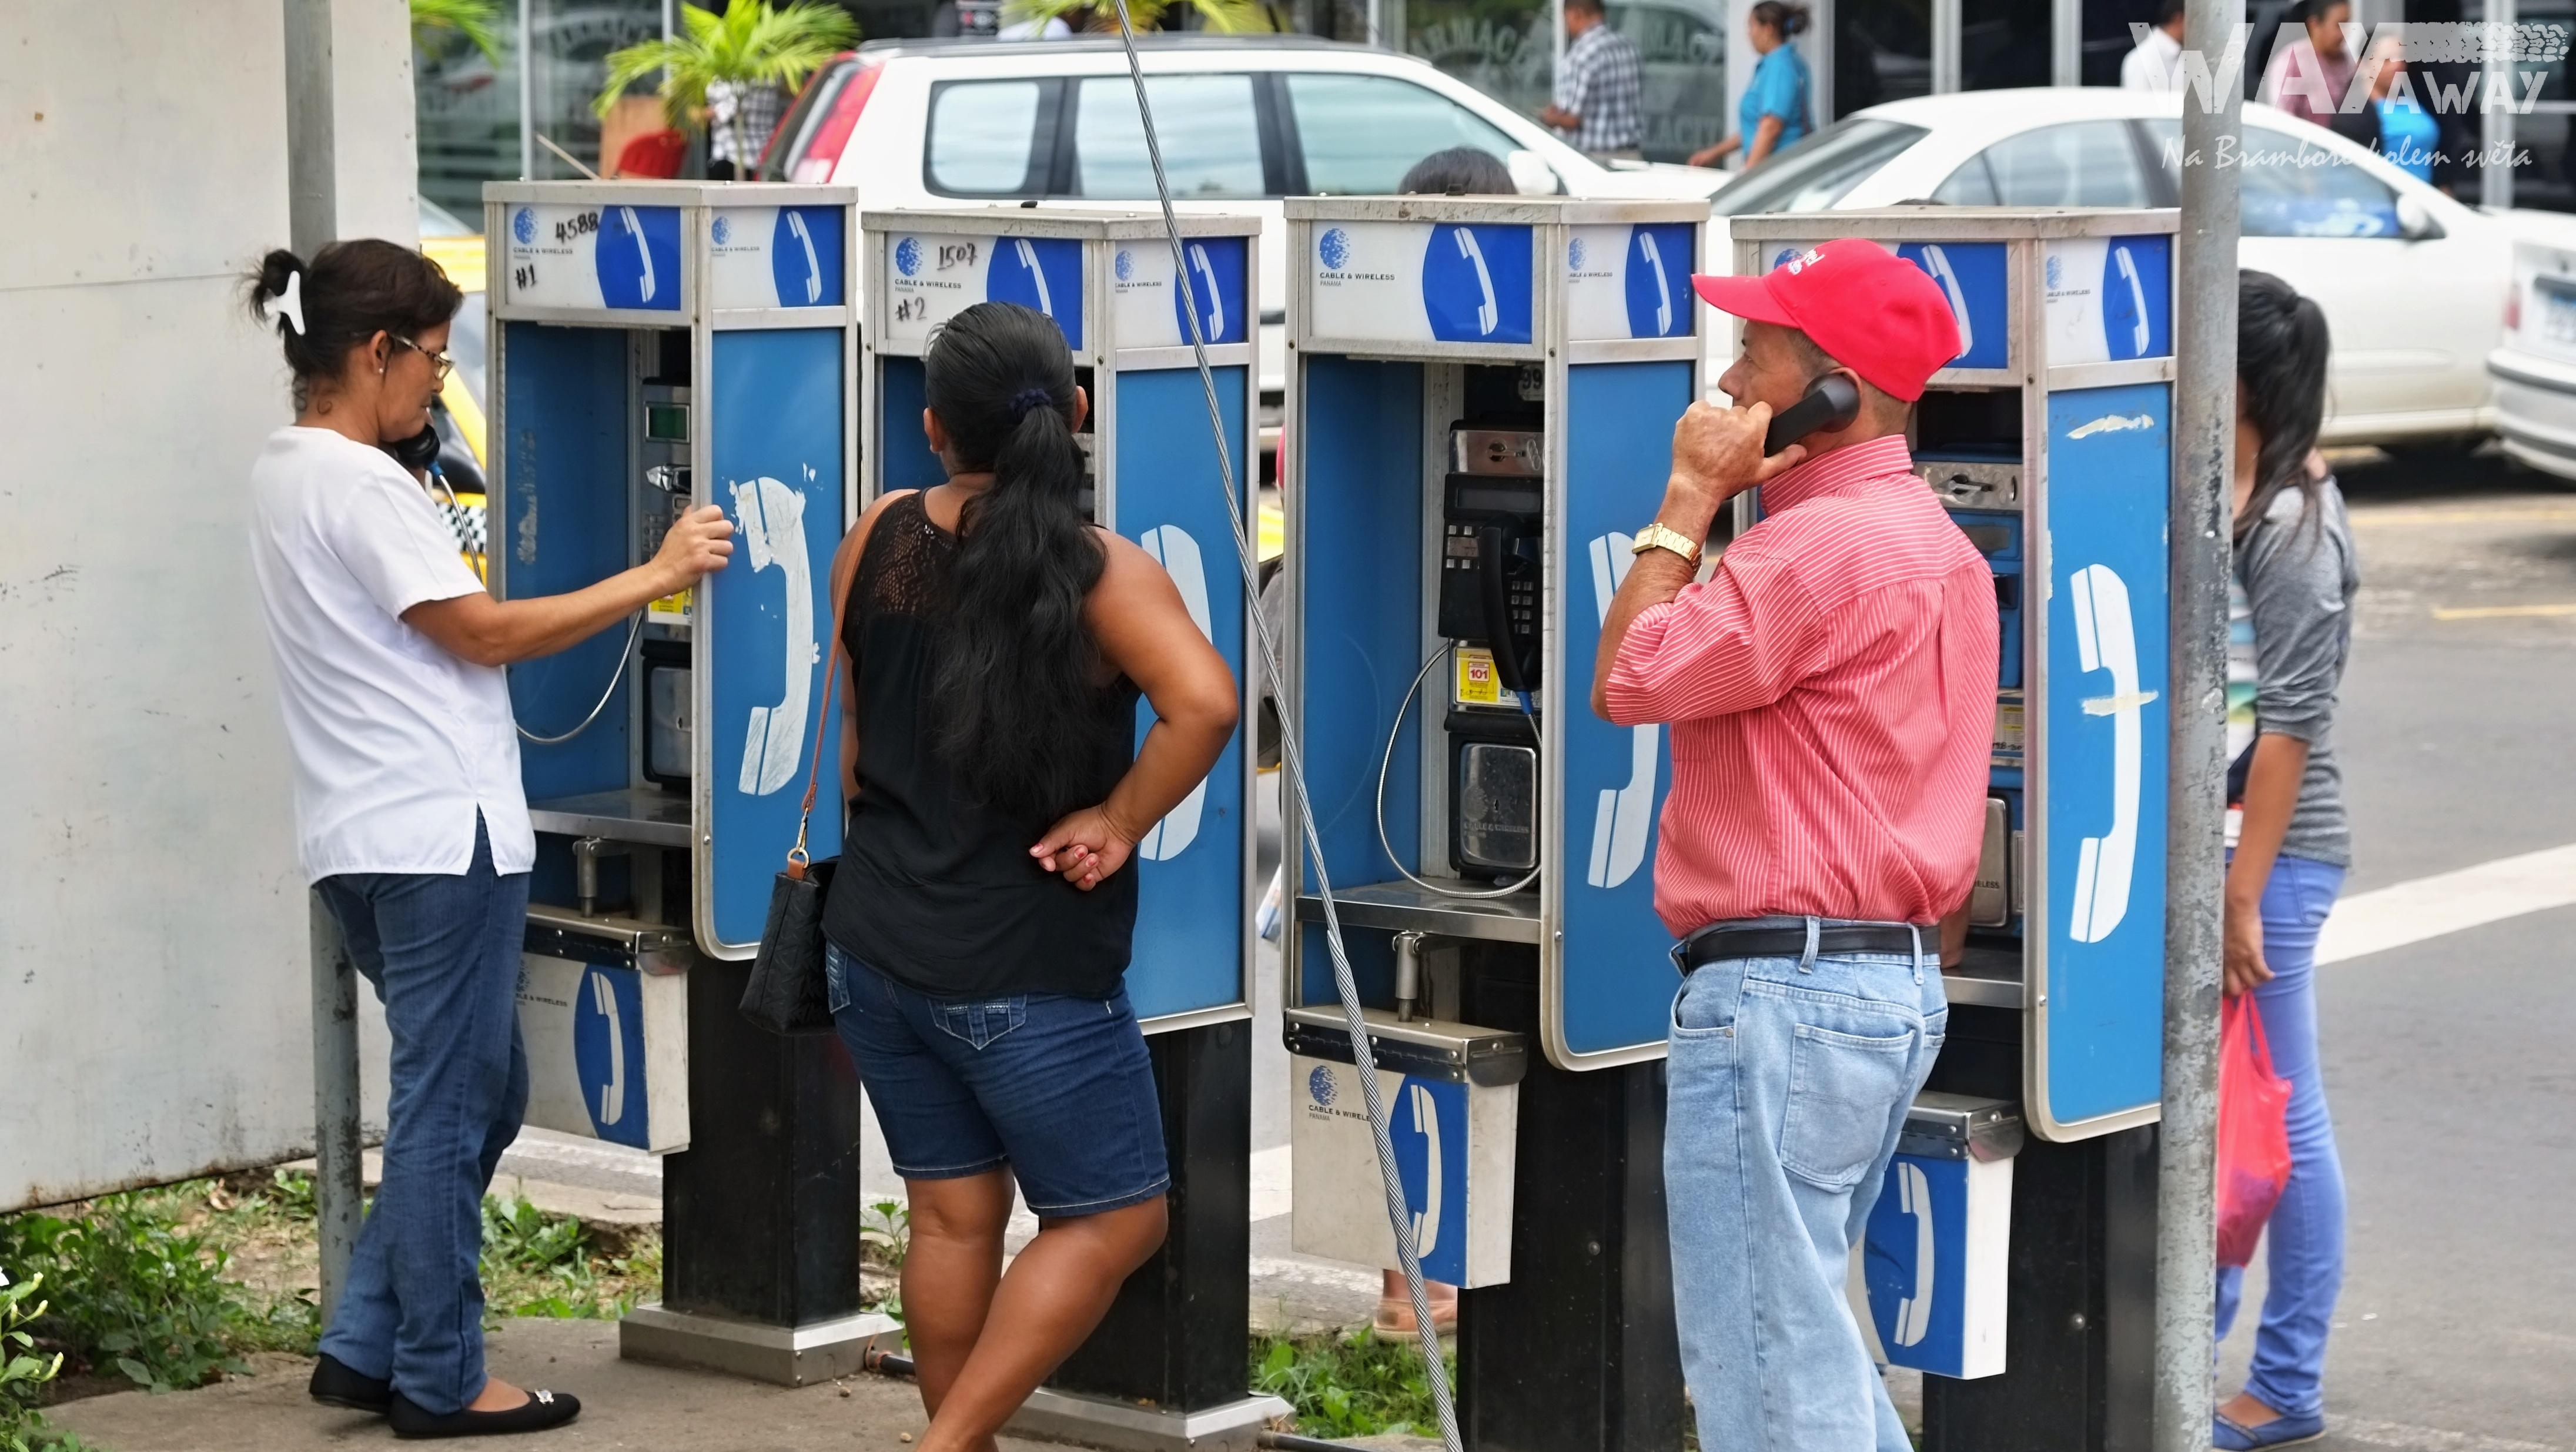 Telefonní budky na ulici v Ciudad de Panamá